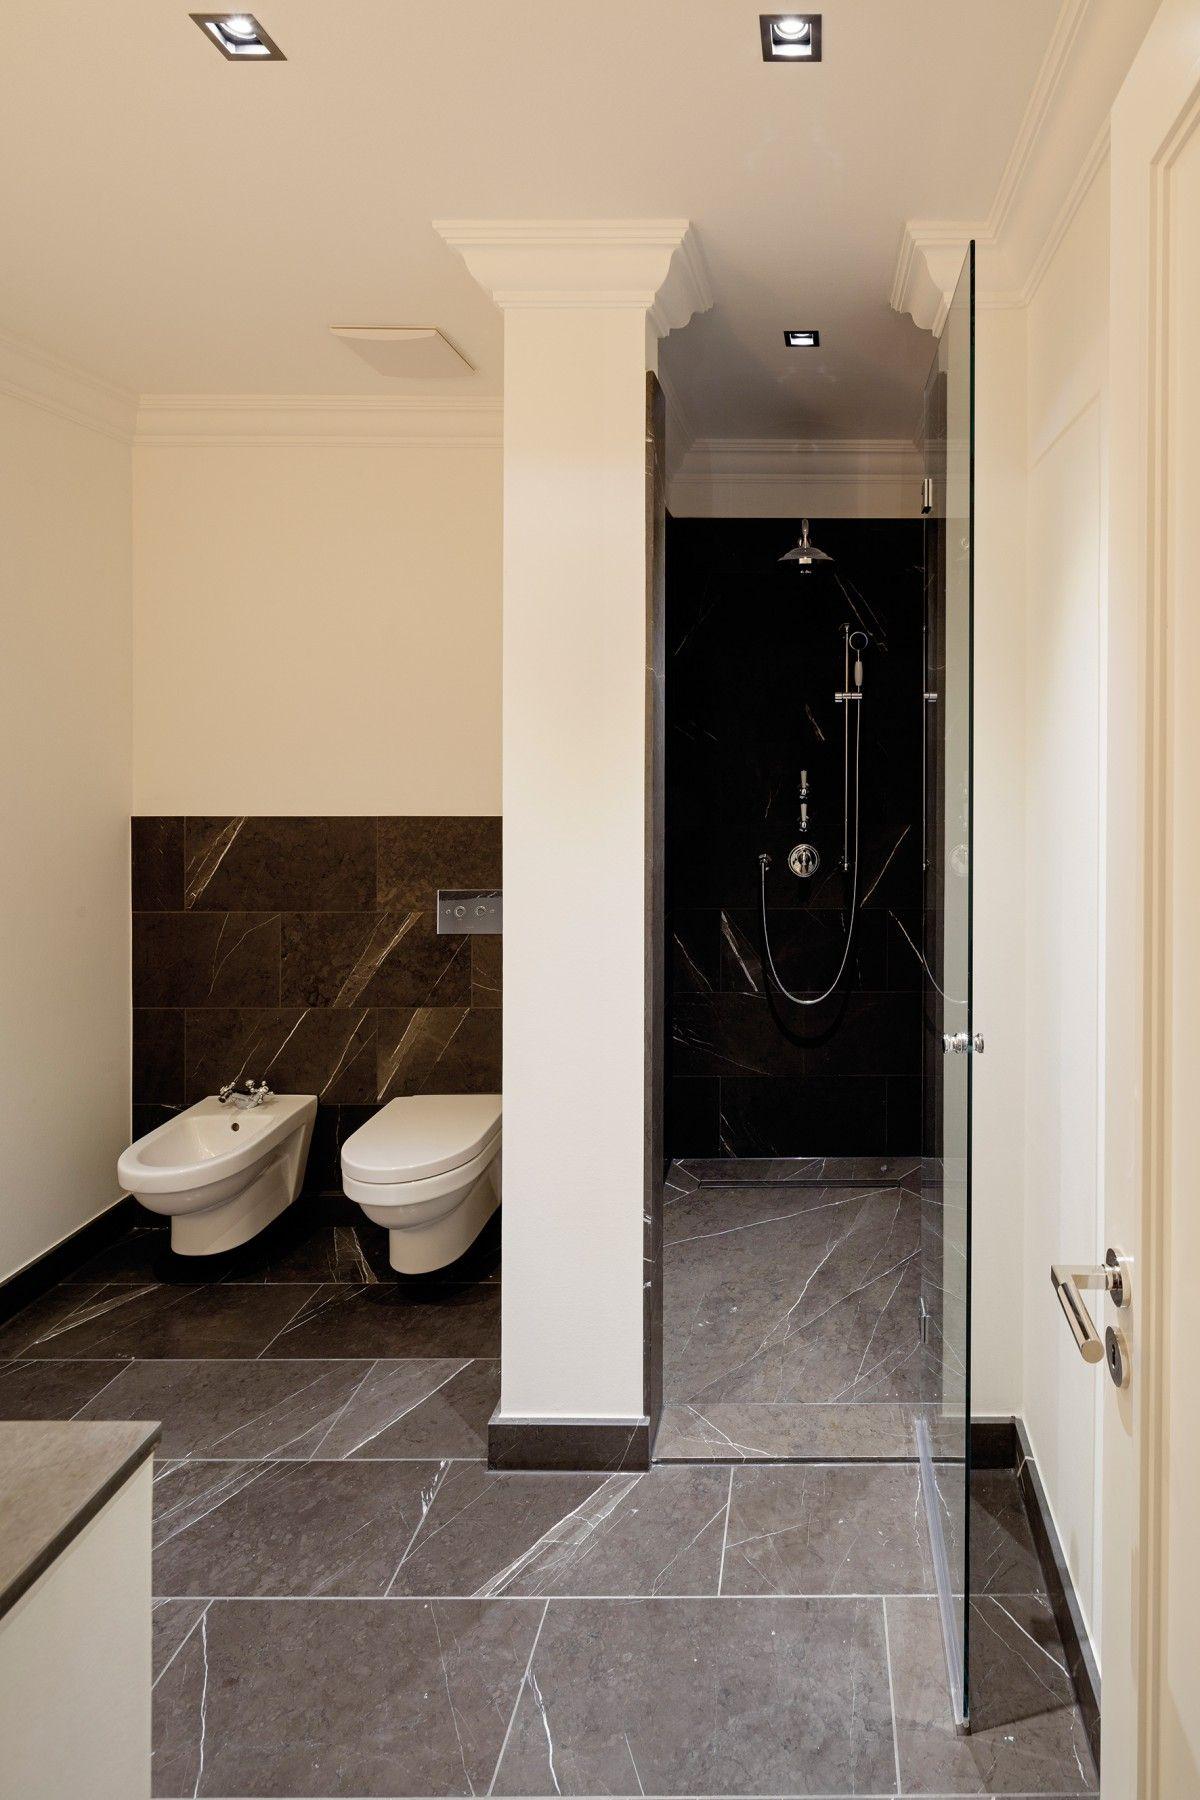 Dunkle Naturstein Fliesen Und Stuck An Der Decke Veredeln Dieses Badezimmer Carmenstrasse Ralf Schmit Bathroom Mirror Kitchen And Bath Lighted Bathroom Mirror